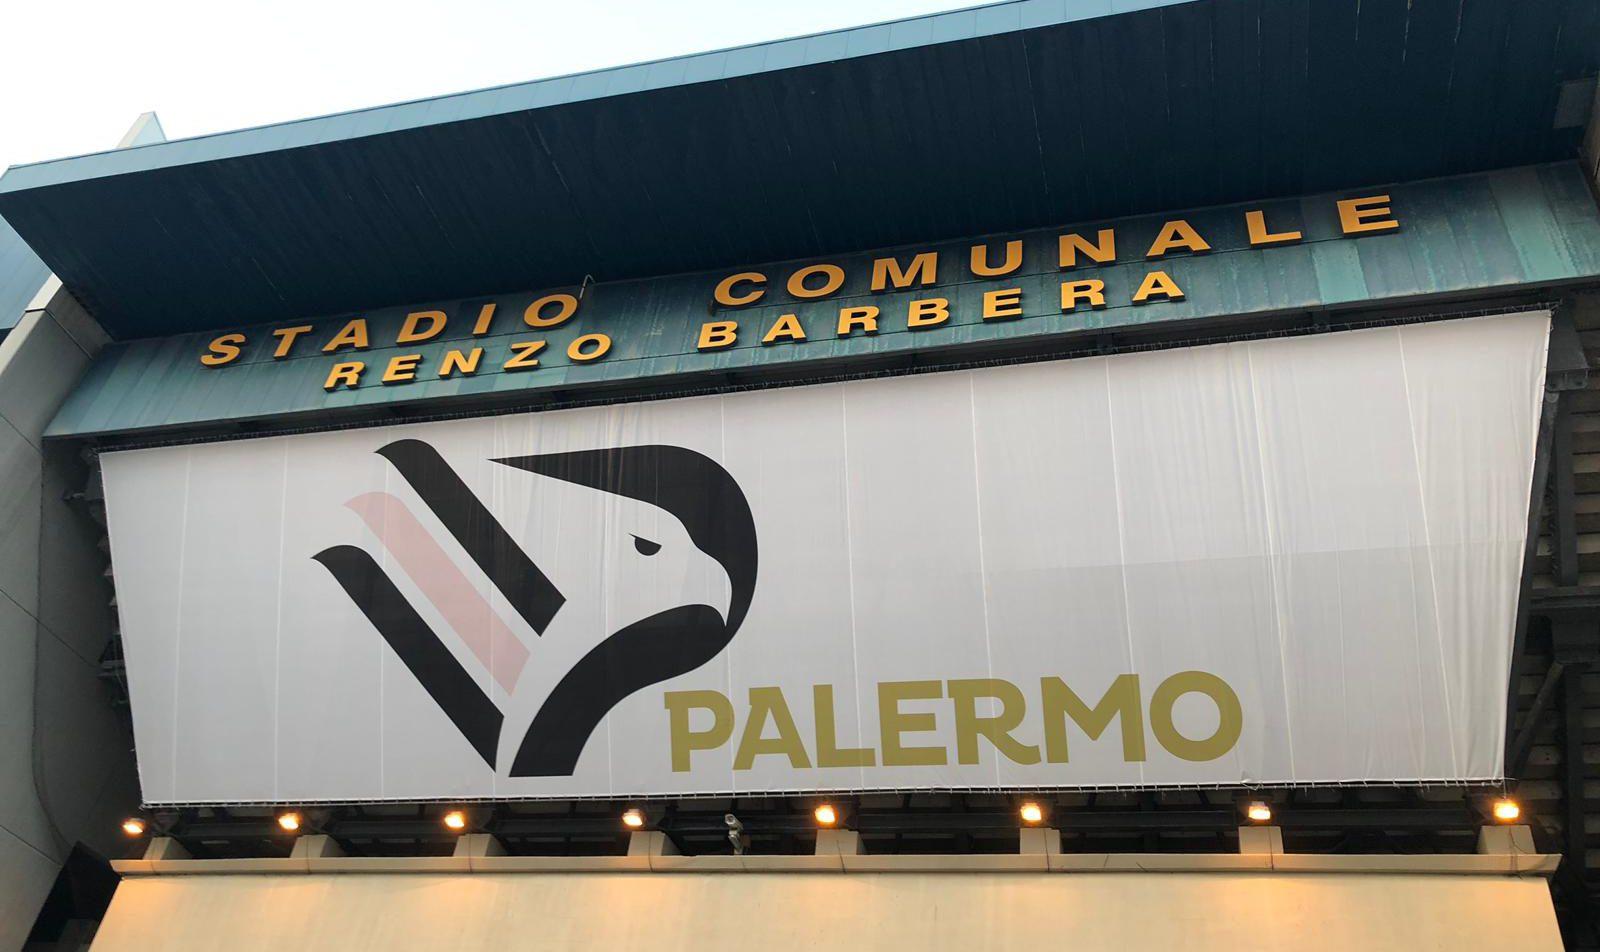 I club di Serie D convocati a Roma, Palermo compreso. Il 9 dicembre si svolgerà infattila riunione indetta dal Dipartimento Interregionale della Lega Nazionale Dilettanti con i rappresentanti delle Società partecipanti al campionato di Serie D, per un confronto sulle attività della stagione. La riunione si svolgeràpresso l'Holiday Inn – Eur Parco Dei Medici (Viale Castello Della Magliana 65). Prevista anche la presenza dei designatori CAN D e CAI Matteo Trefoloni e Andrea Gervasoni. I lavori inizieranno alle ore 13. LEGGI ANCHE PALERMO, PERGOLIZZI PROVA LA DIFESA A TRE. MA… LE PROBABILI FORMAZIONI DI PALERMO – ACIREALE LANCINI, FUGA DA